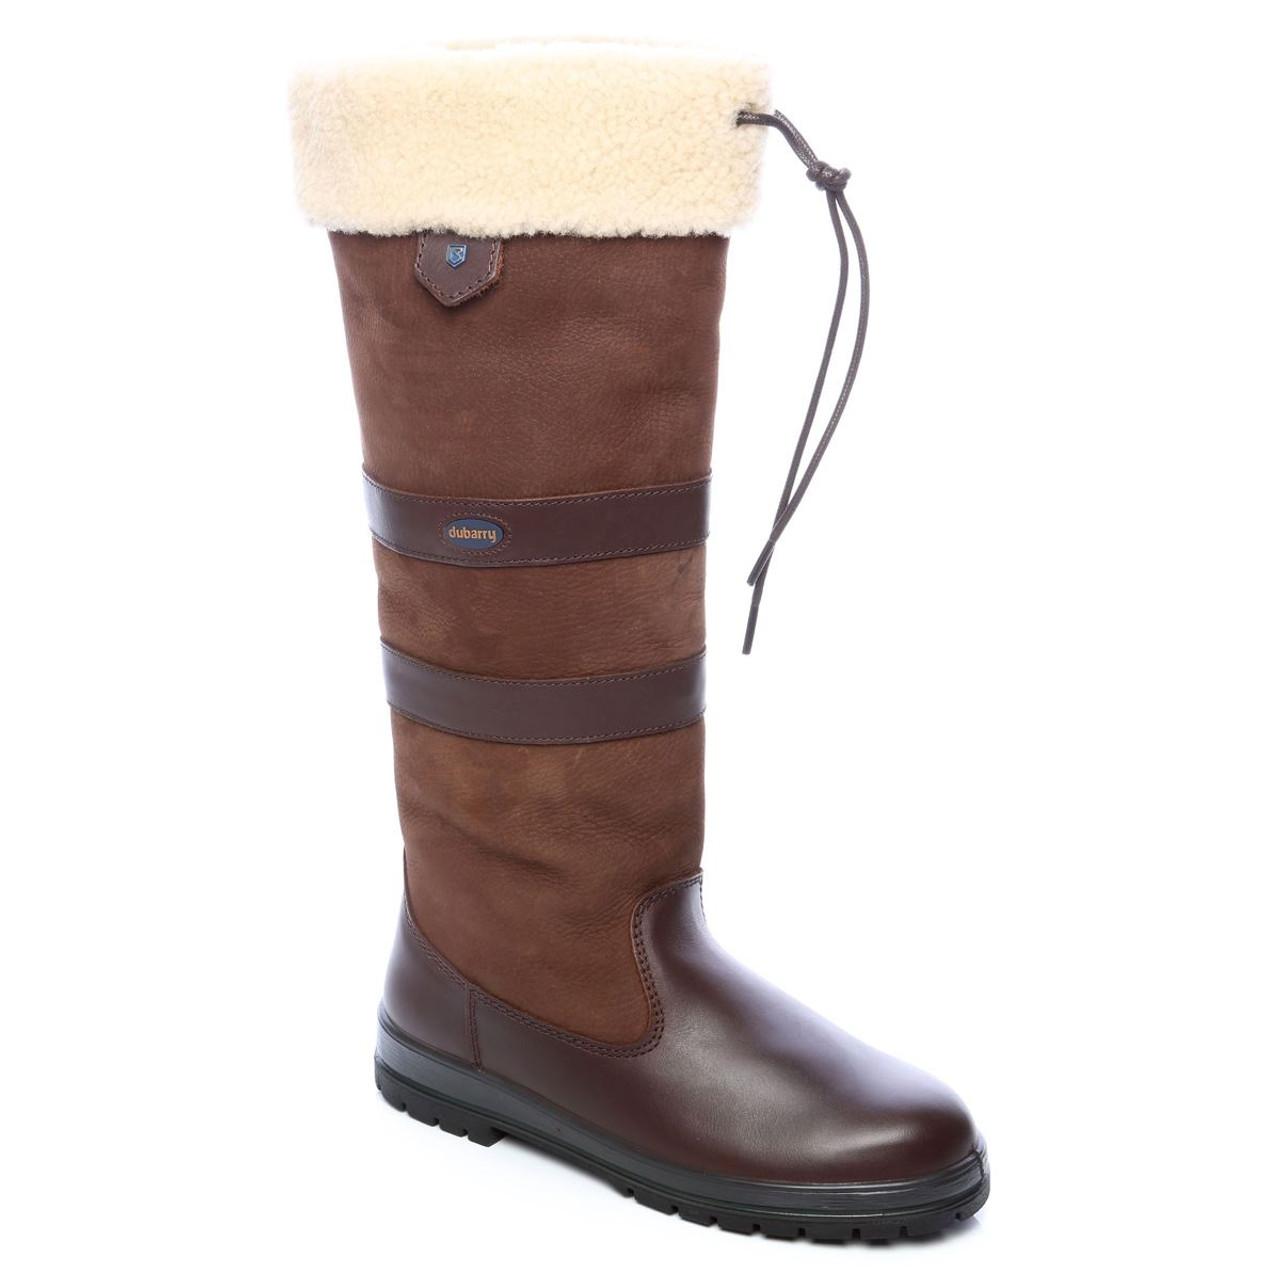 Dubarry Kilternan Boots in Walnut